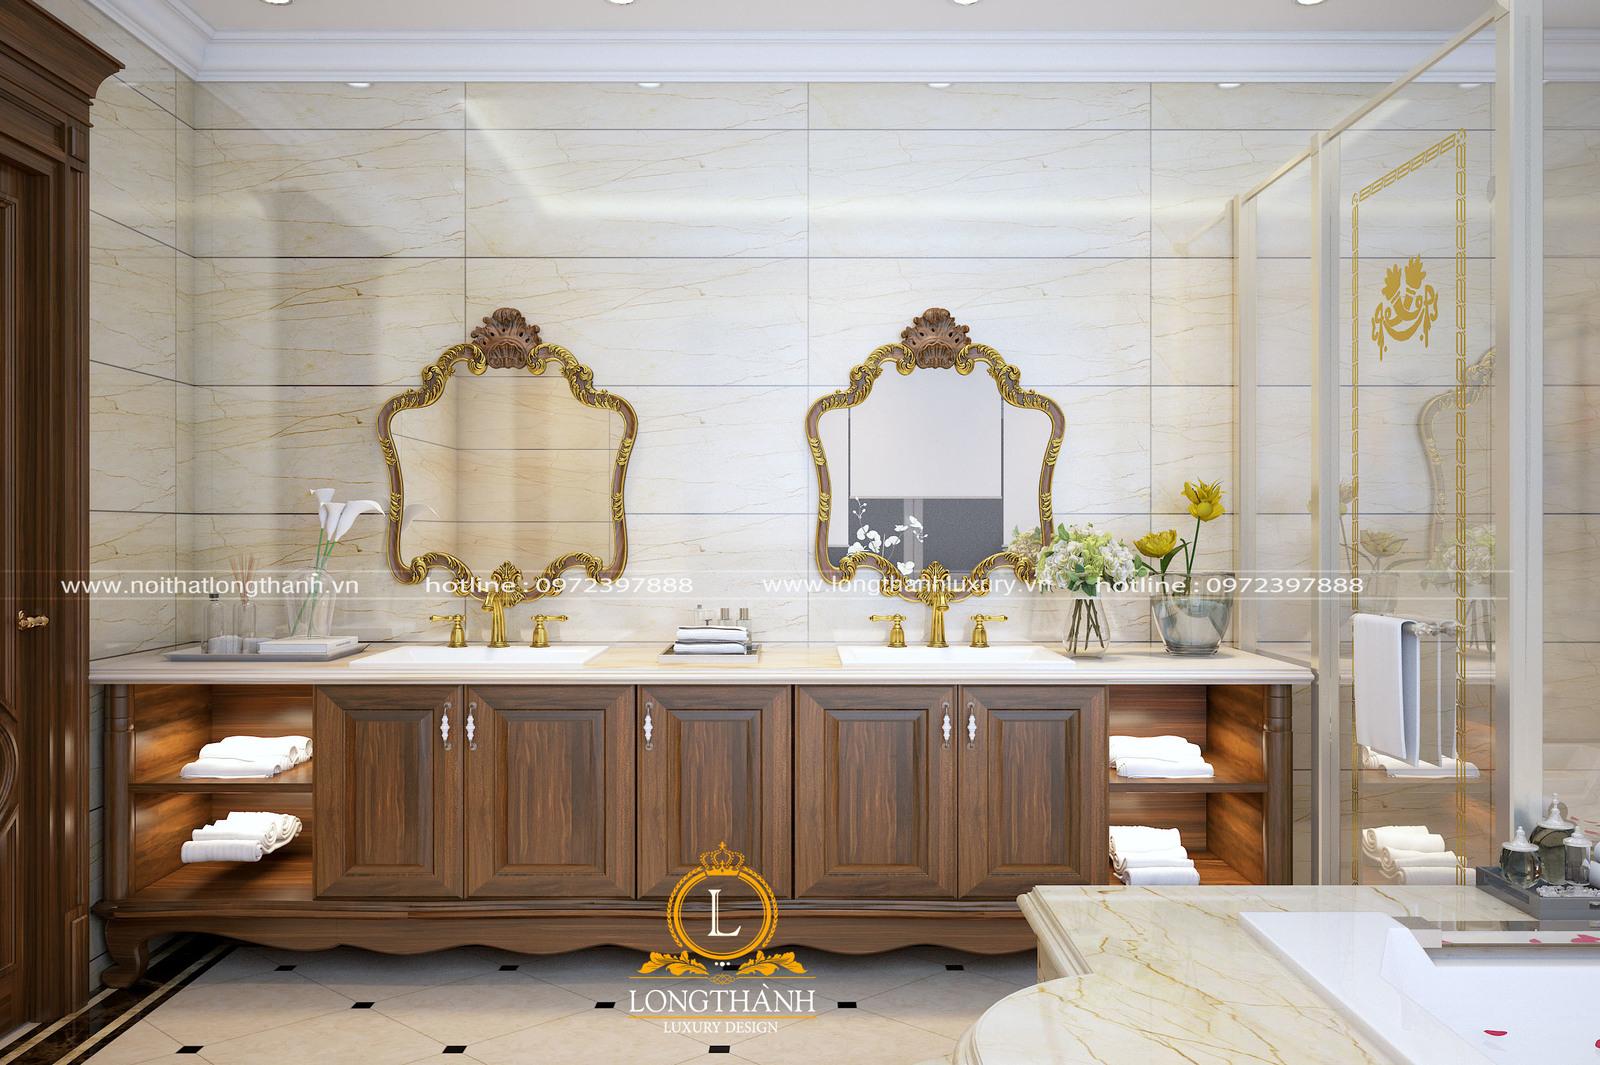 12 mẫu thiết kế tủ Lavabo đẹp theo phong cách hiện đại